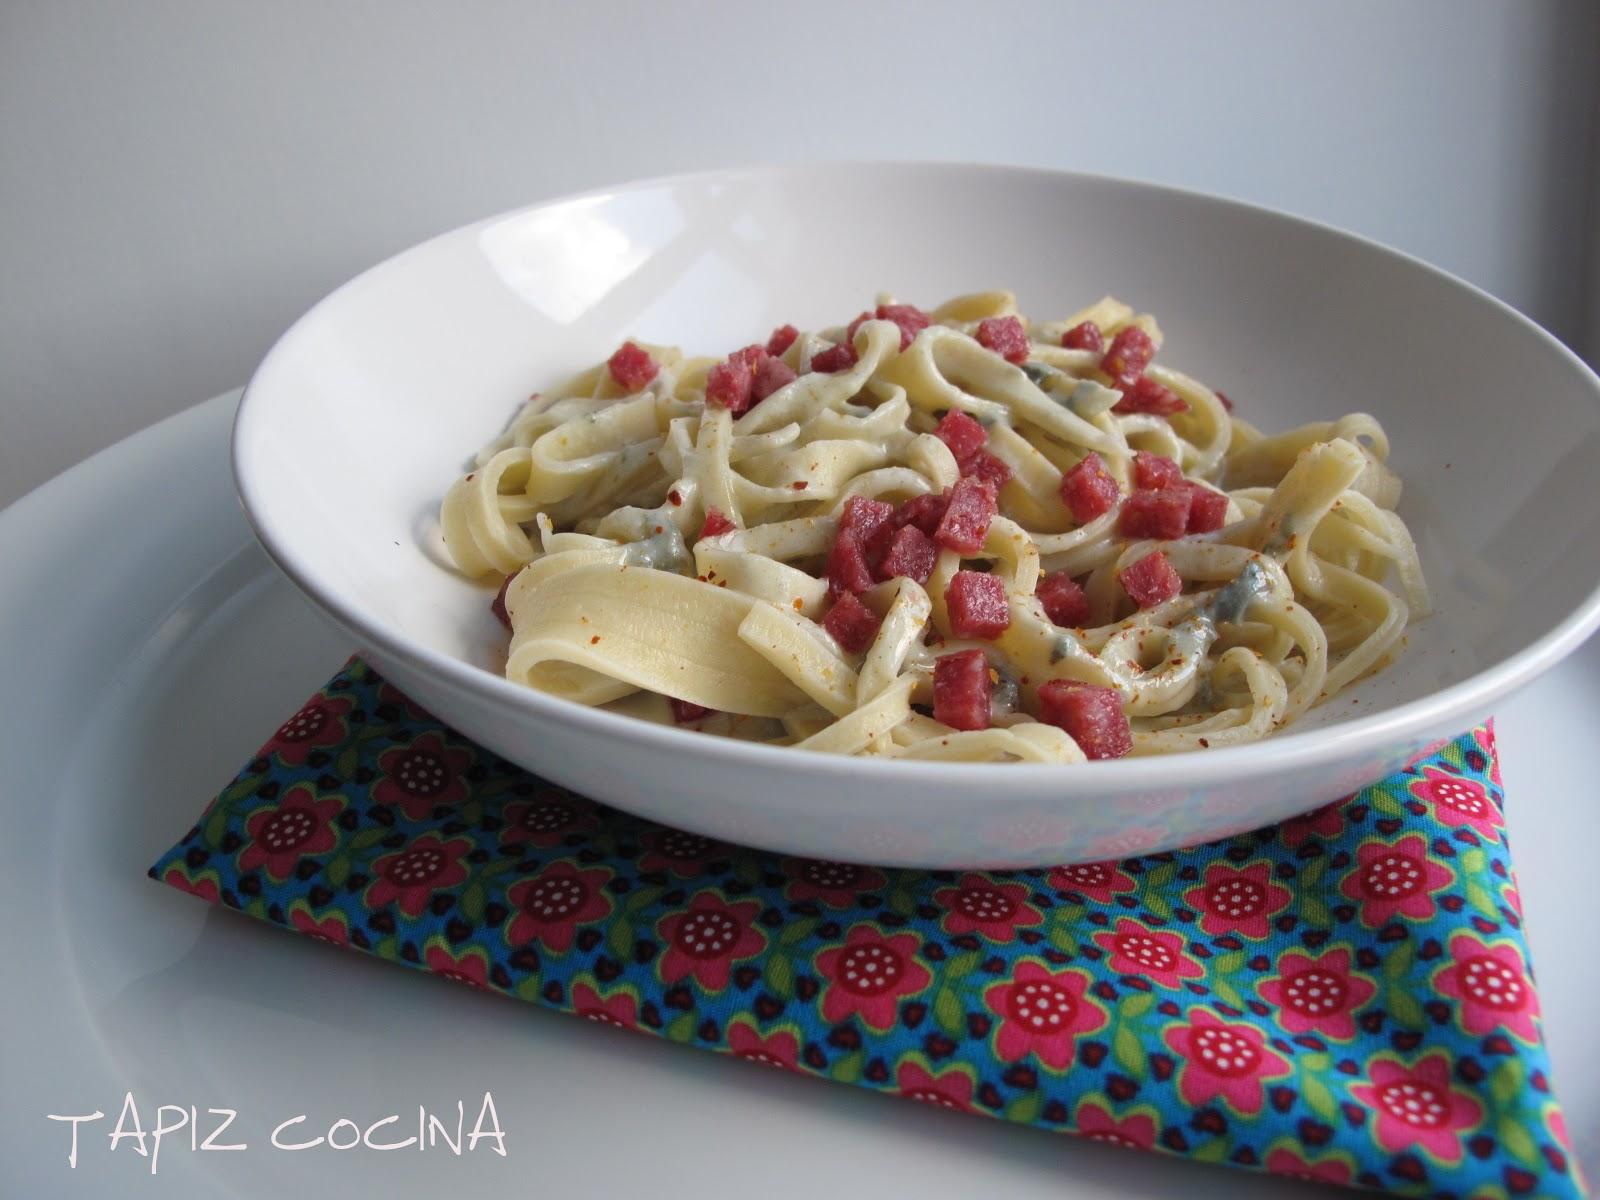 Tapiz cocina y guindillita pasta fresca con roquefort for Utensilio para amasar